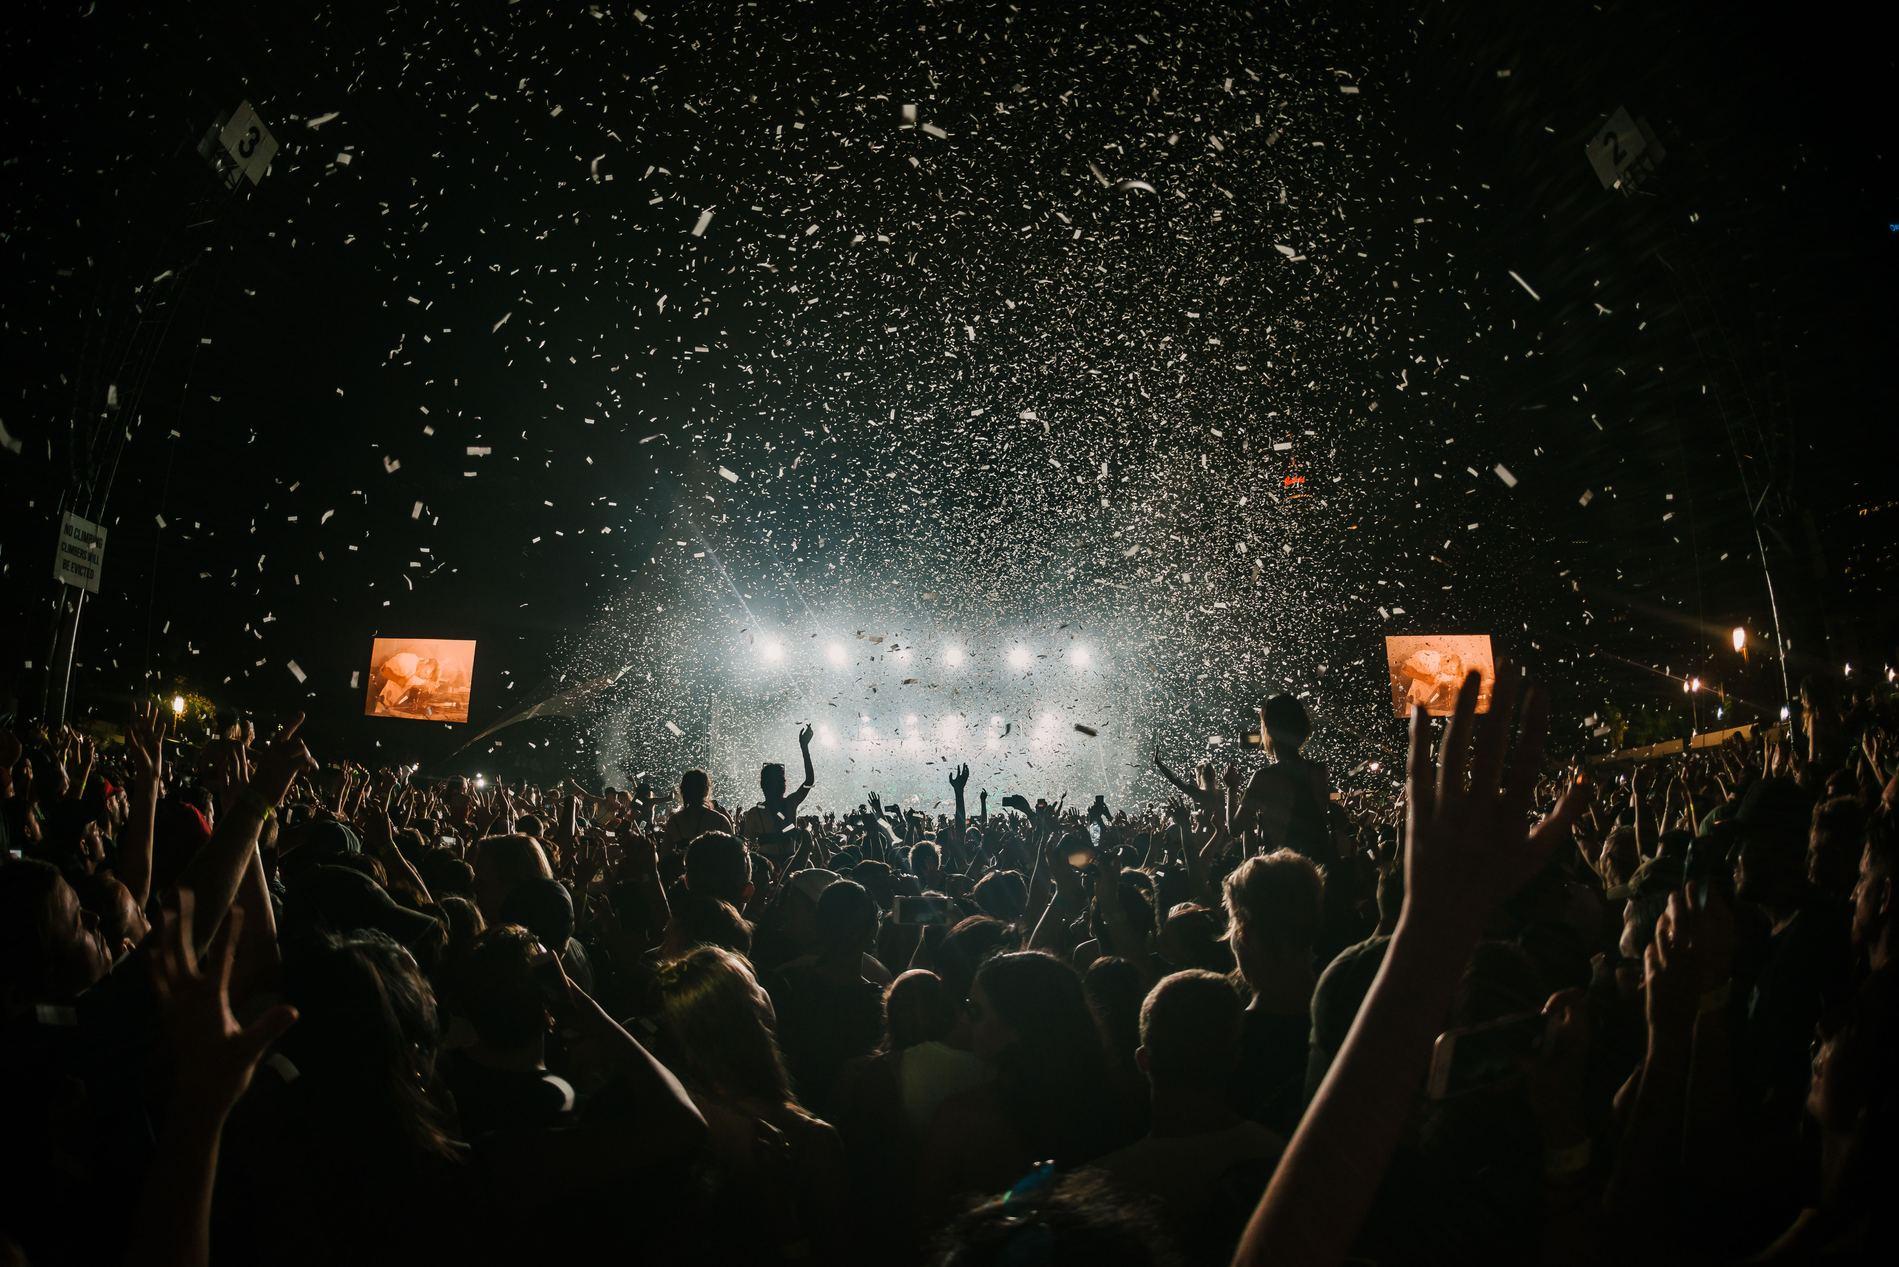 möblum-festivales_musicales_de_octubre-festivales-festival-música-line_up-dj-artistas(3)